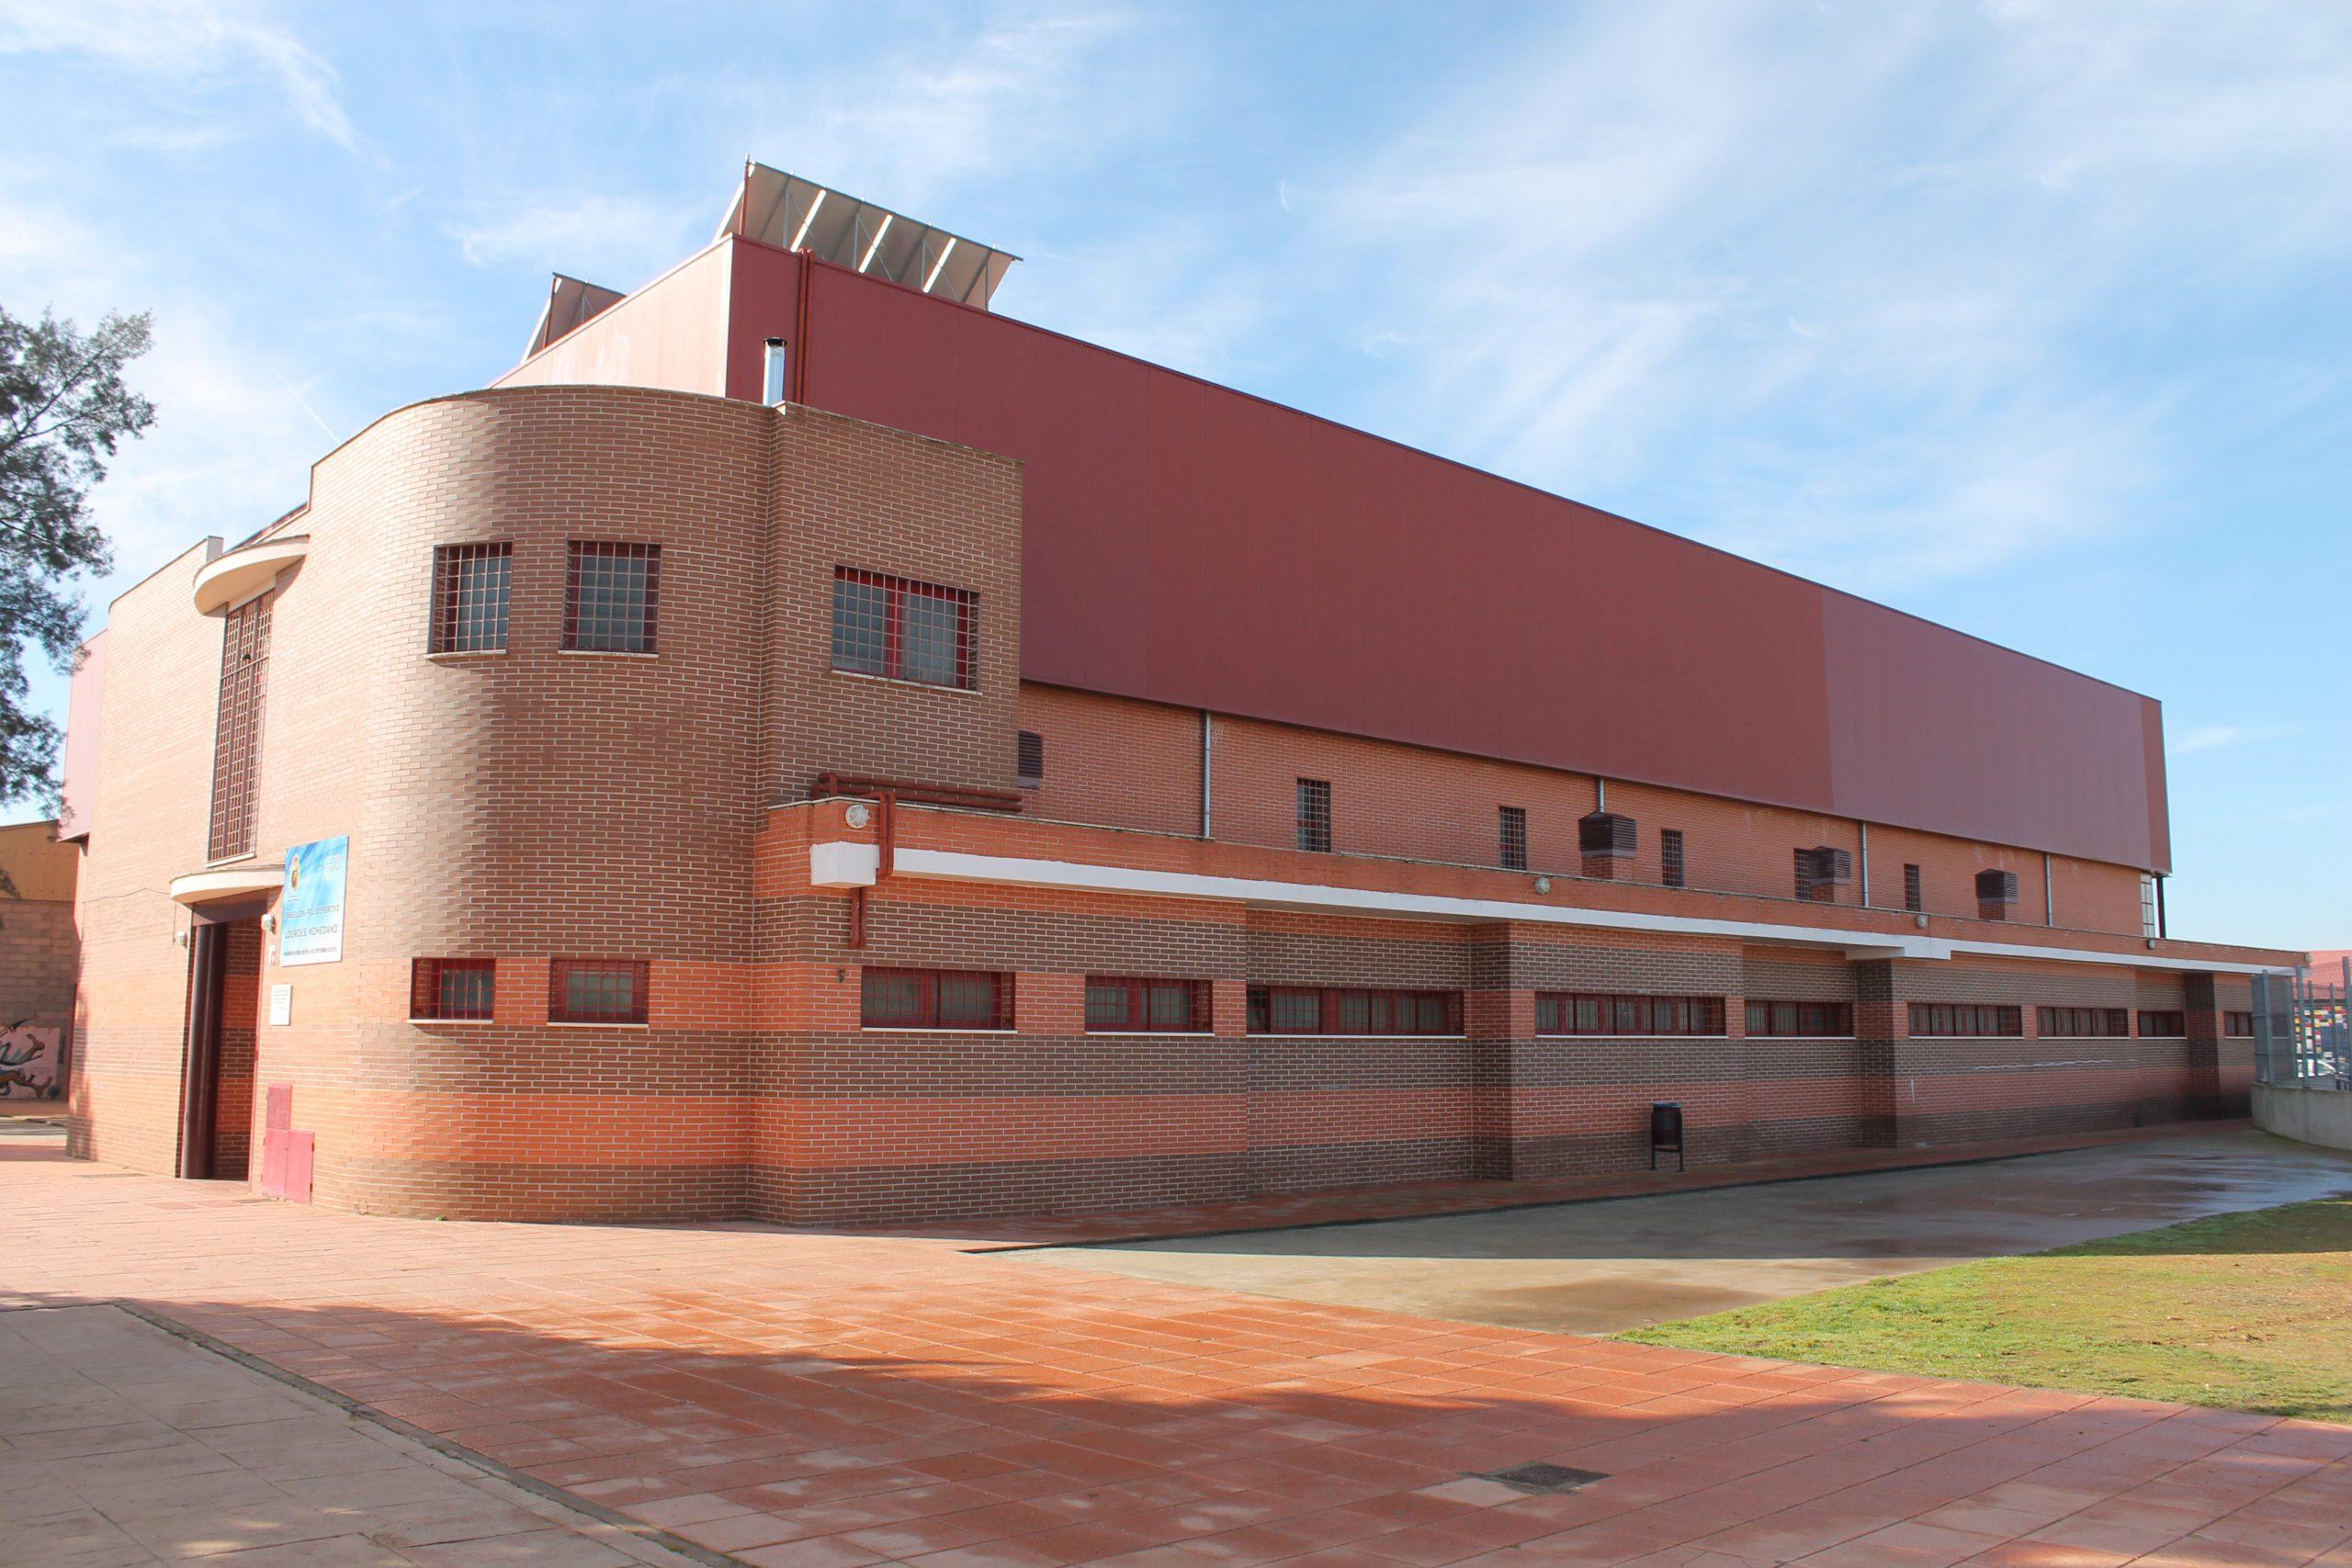 Pabellón Polideportivo Municipal Lourdes Mohedano 1